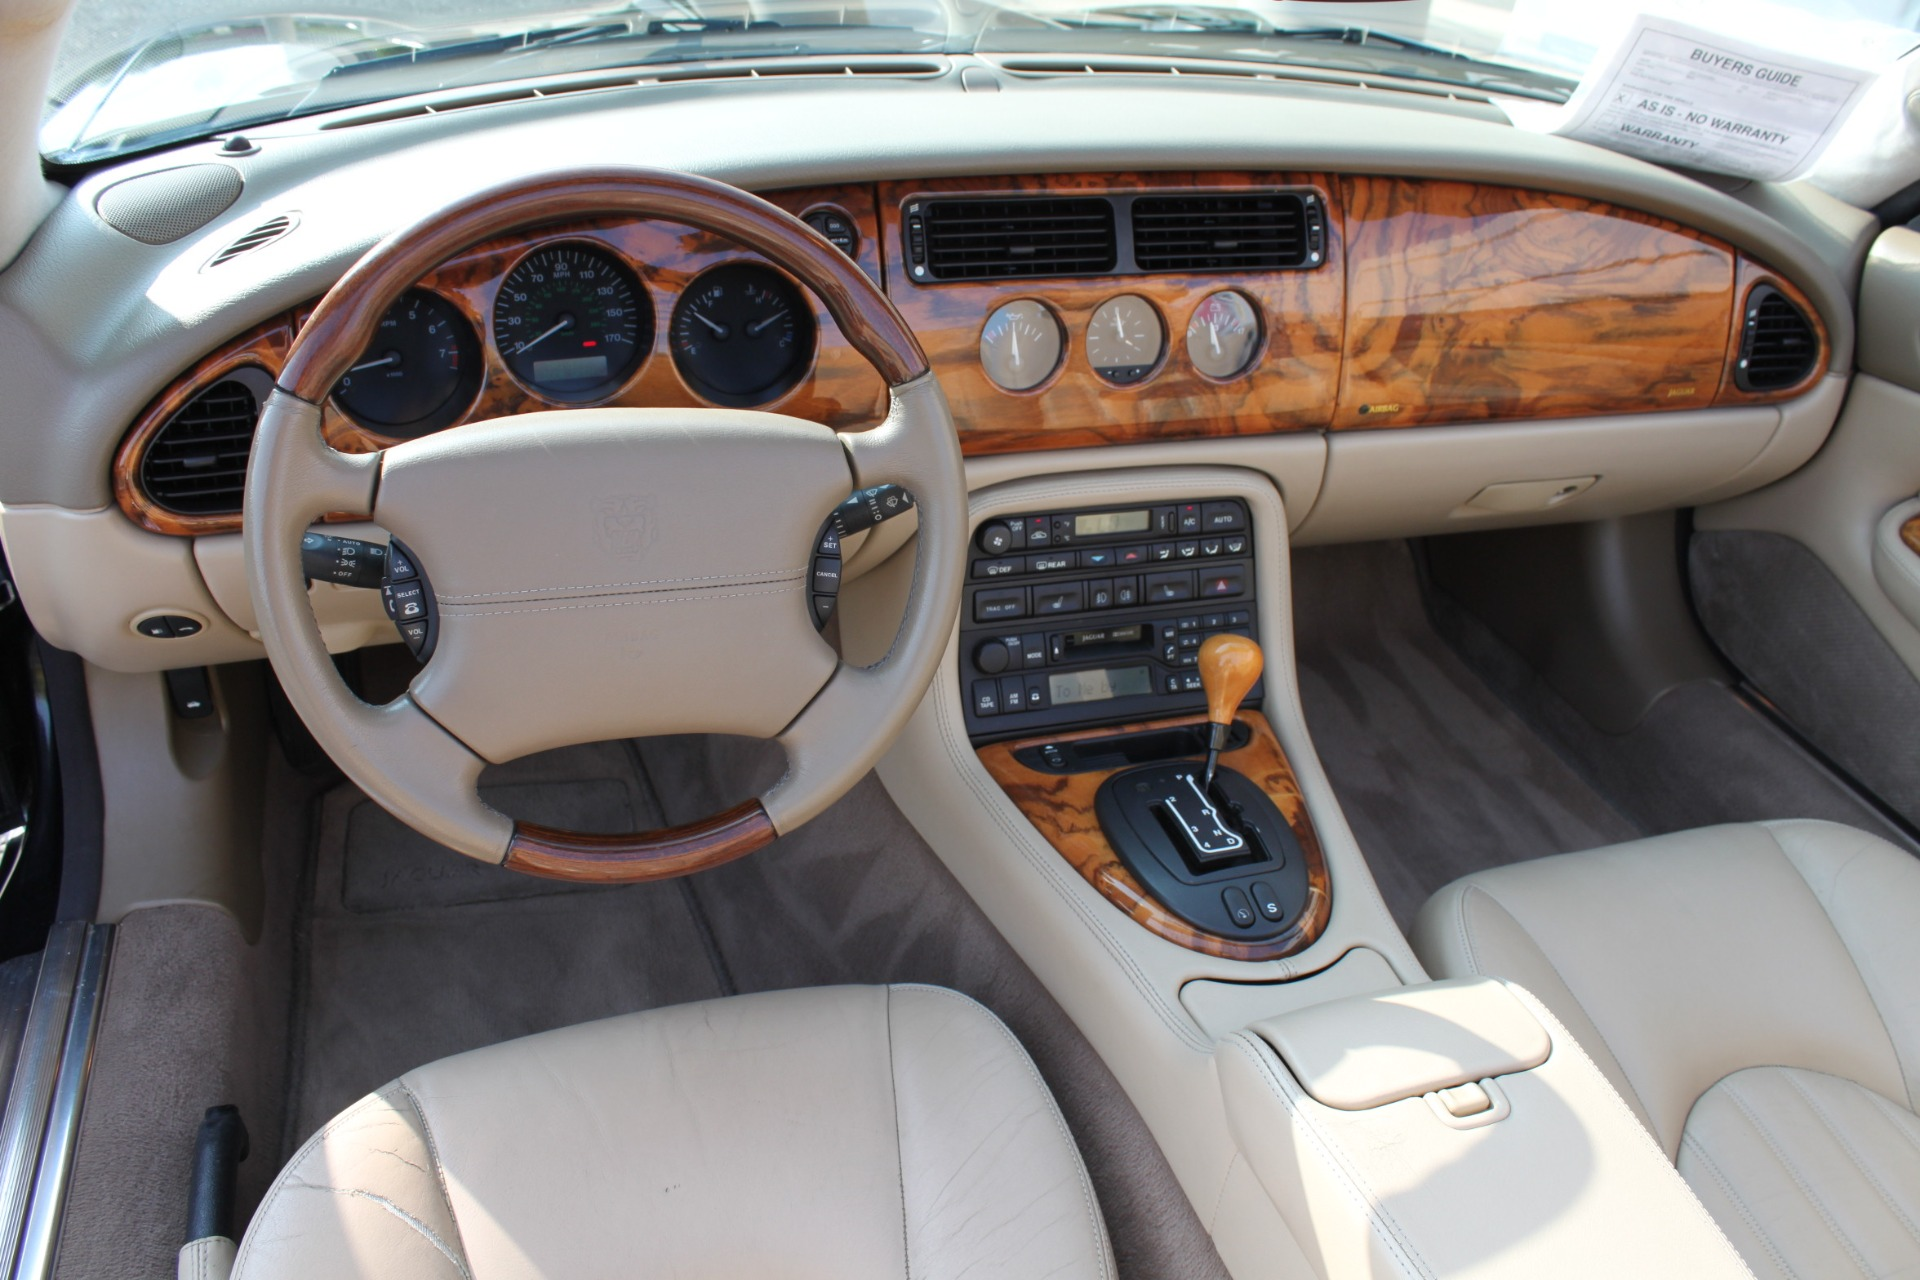 Used-2002-Jaguar-XK8-Convertible-XK8-Lincoln